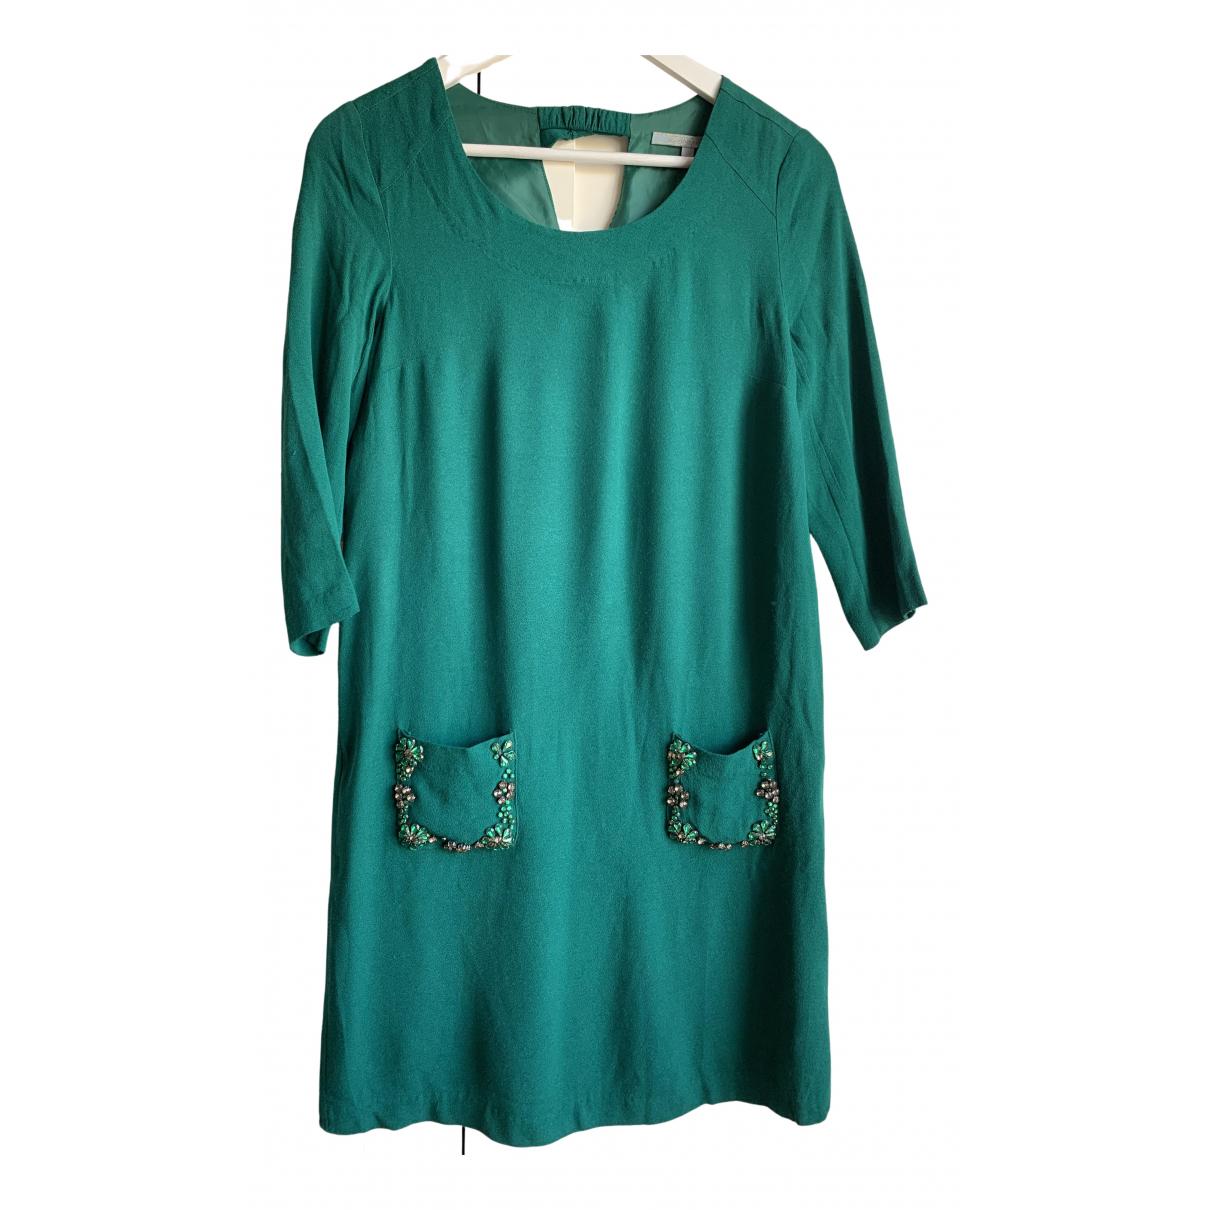 Silvian Heach \N Kleid in  Gruen Viskose